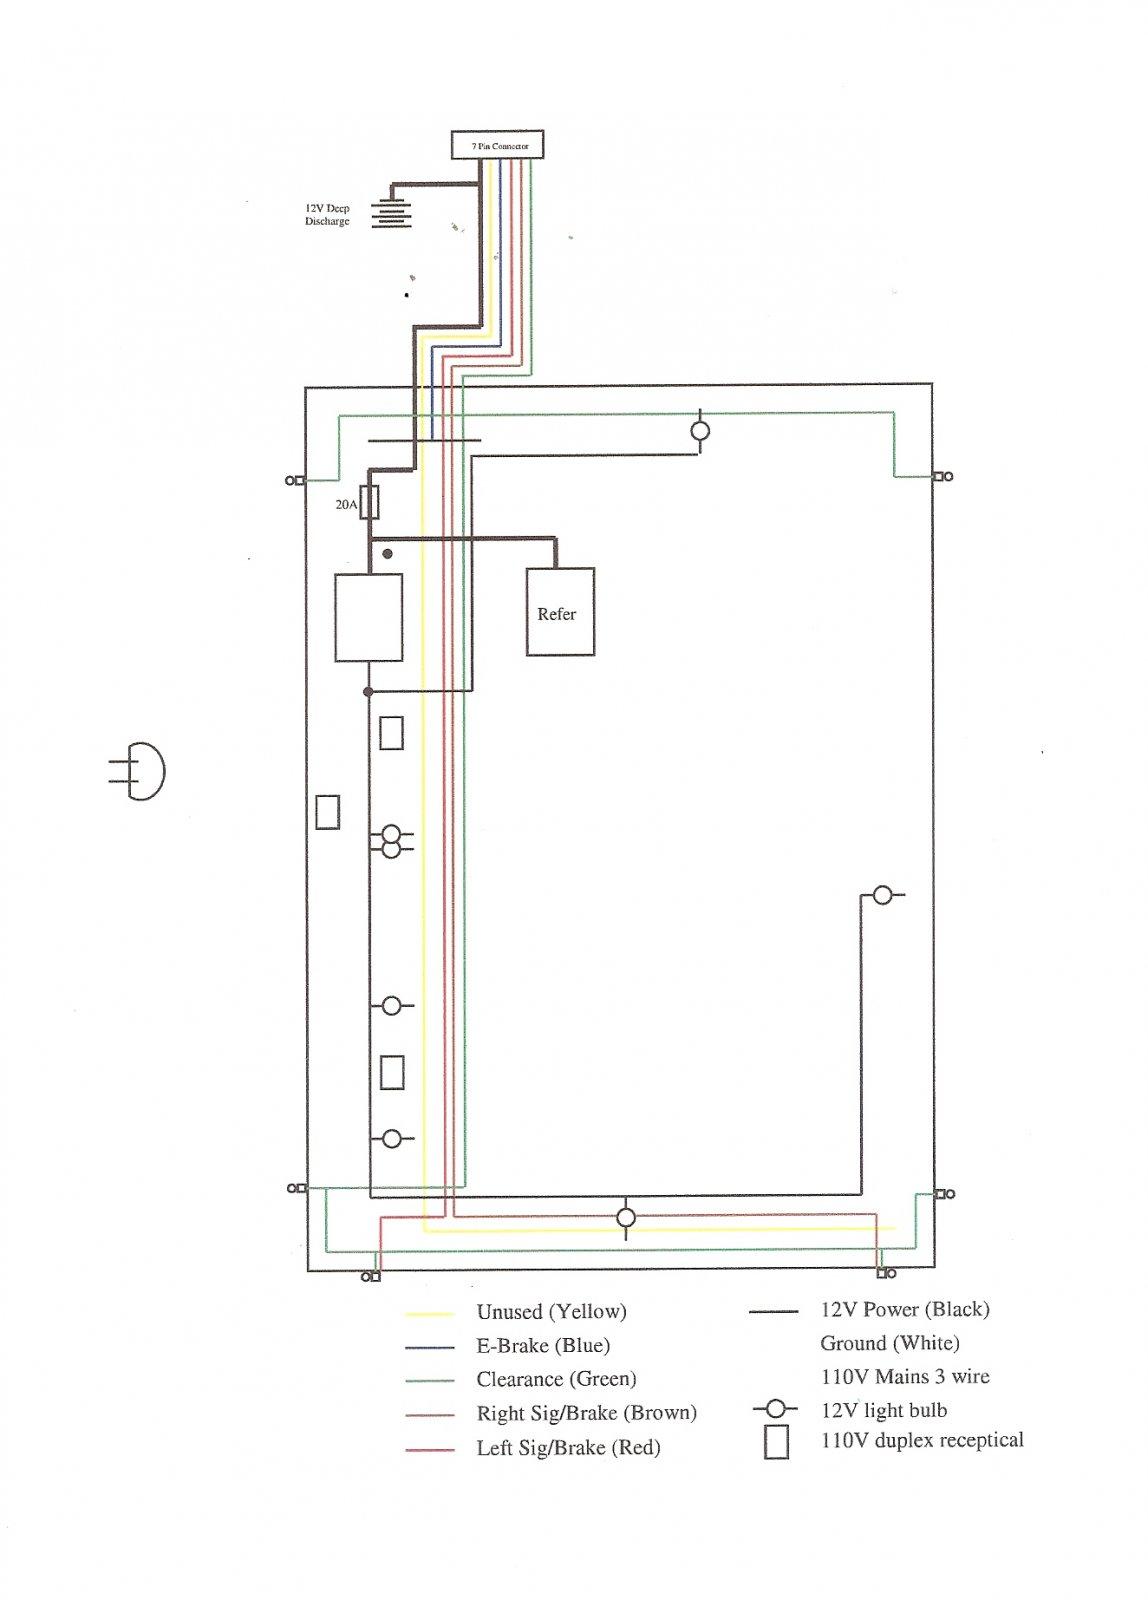 ford 7 pin trailer wiring diagram pin